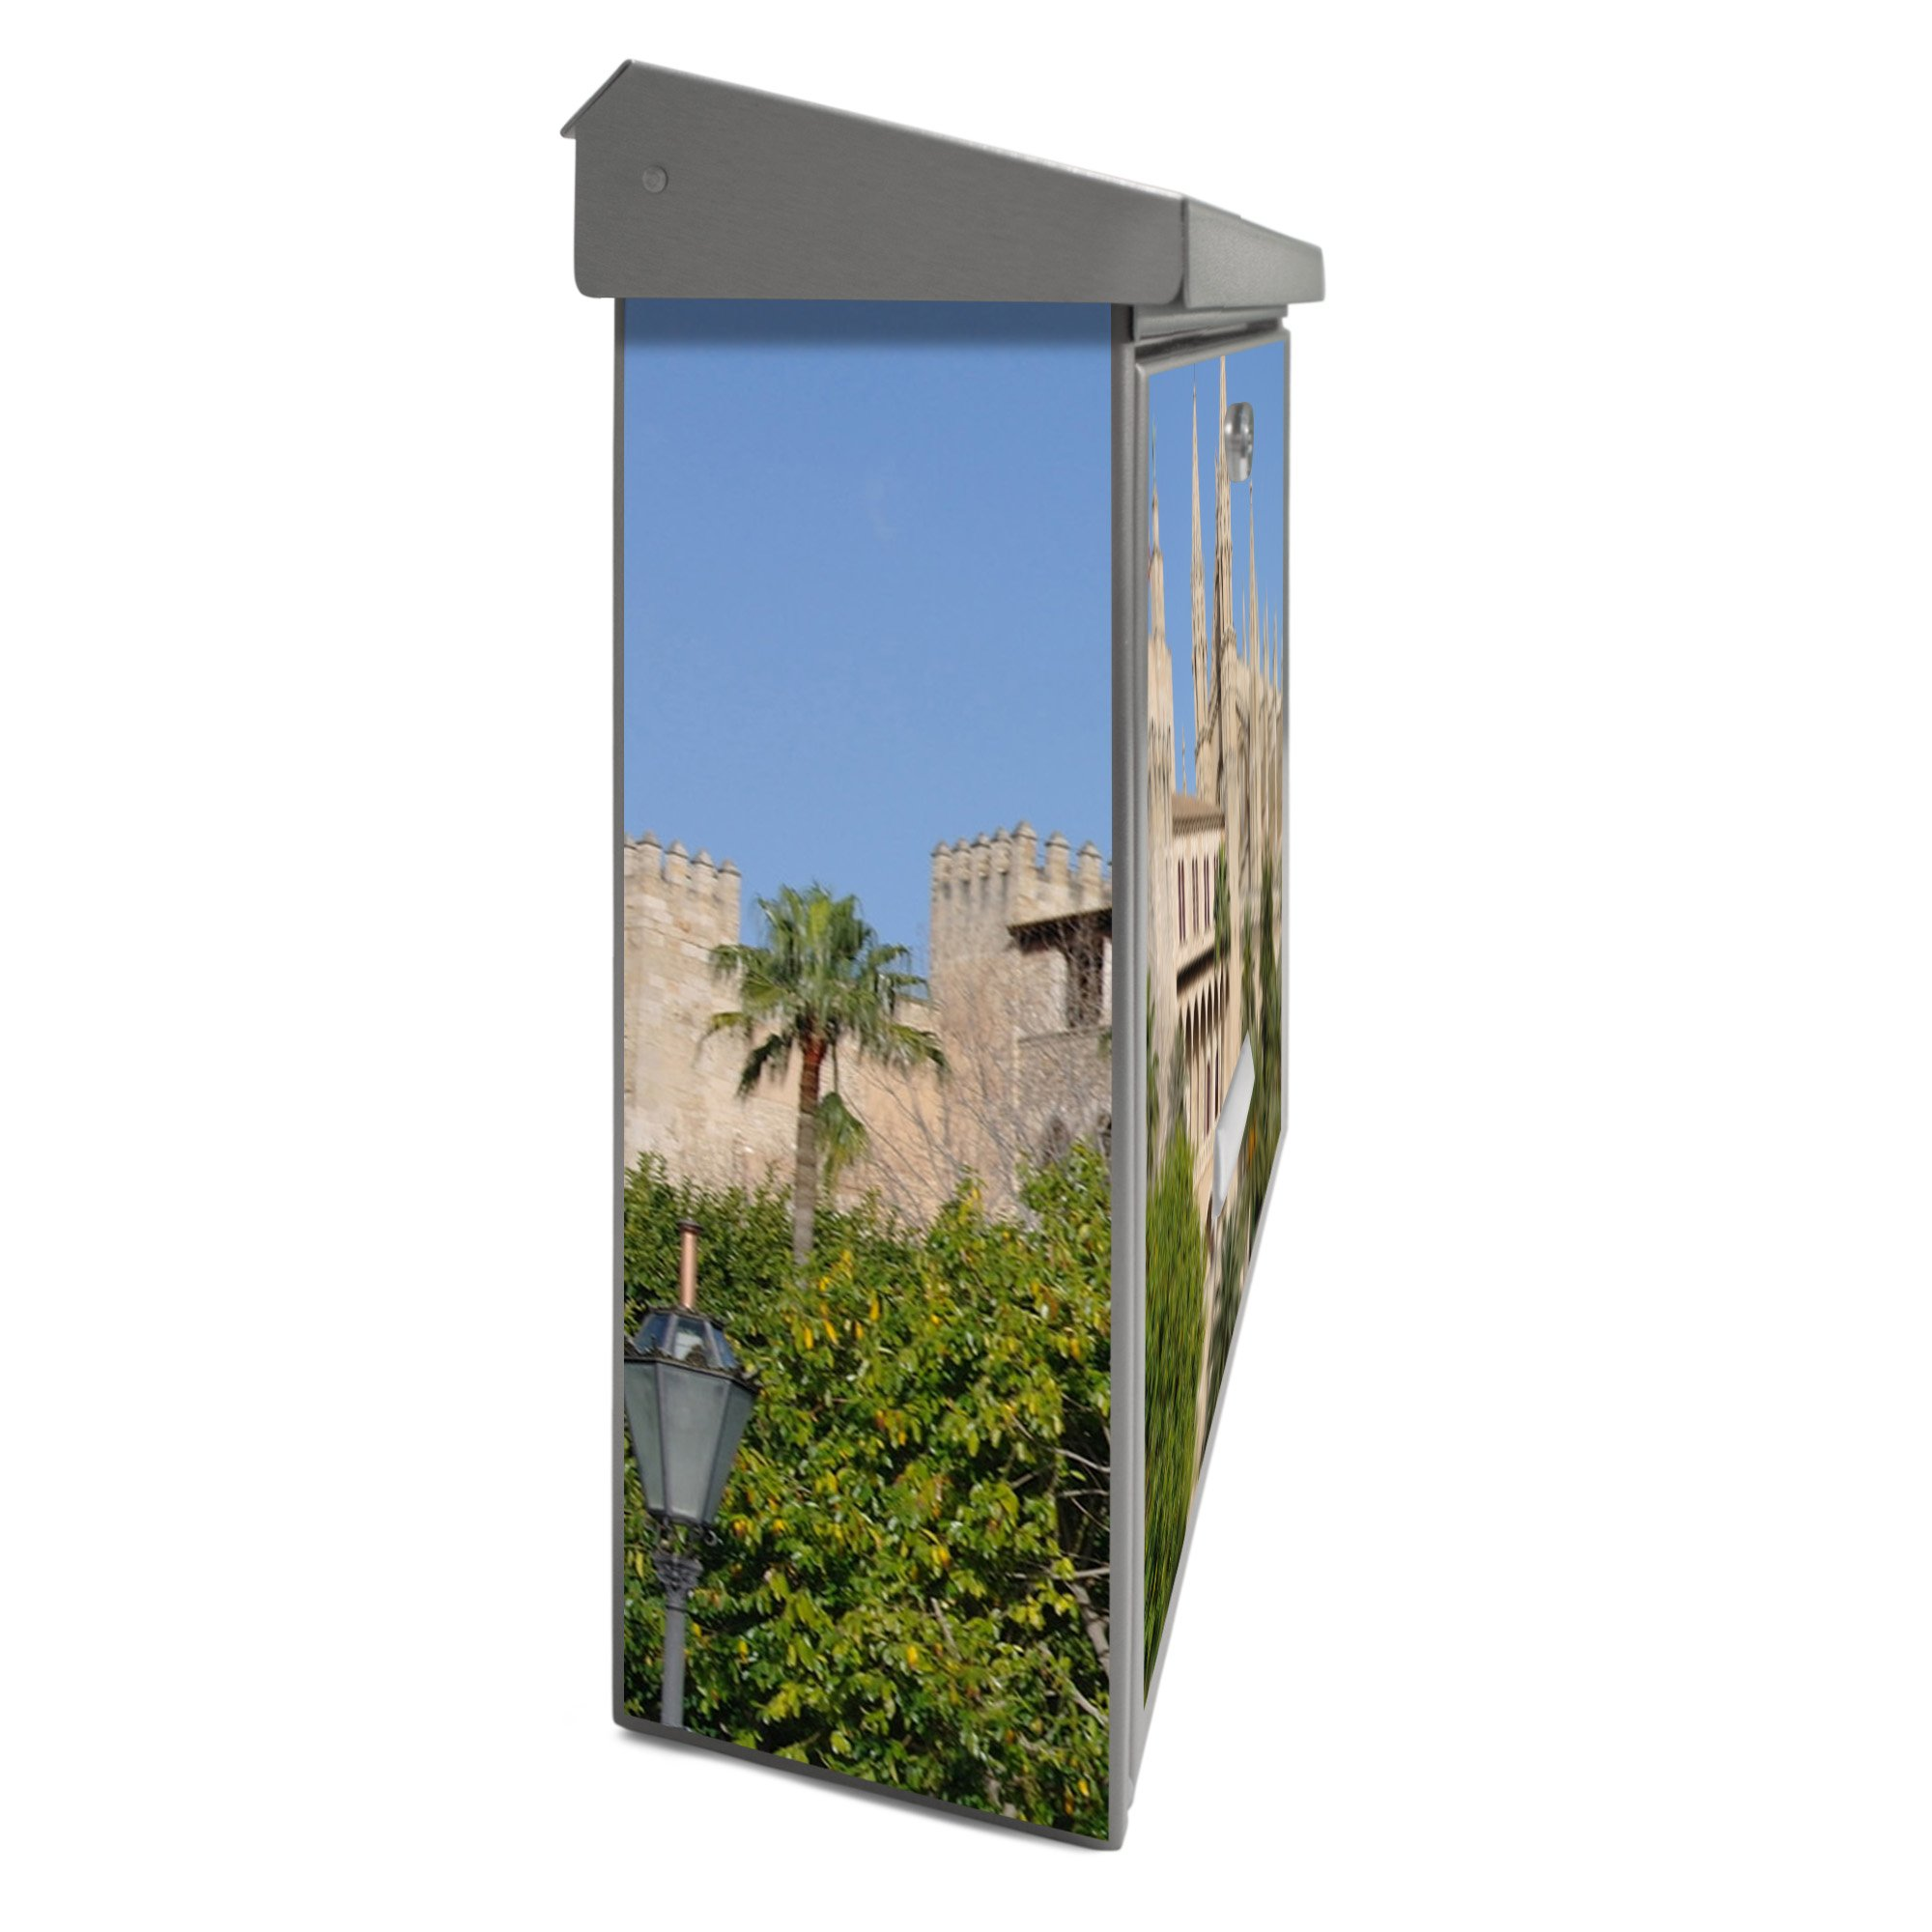 Burg-Wächter buzón de acero inoxidable con placa para nombre y diseño: palma de Mallorca: Amazon.es: Hogar